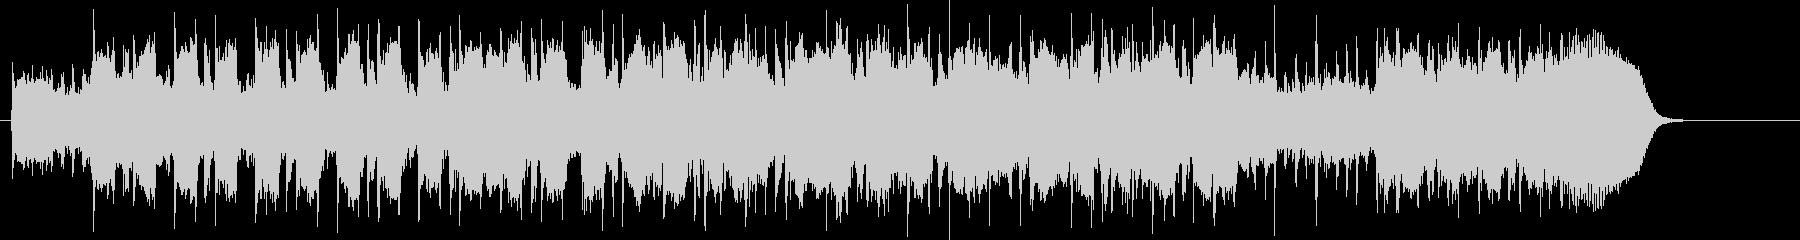 ポップでゆったりとしたメローなBGMの未再生の波形